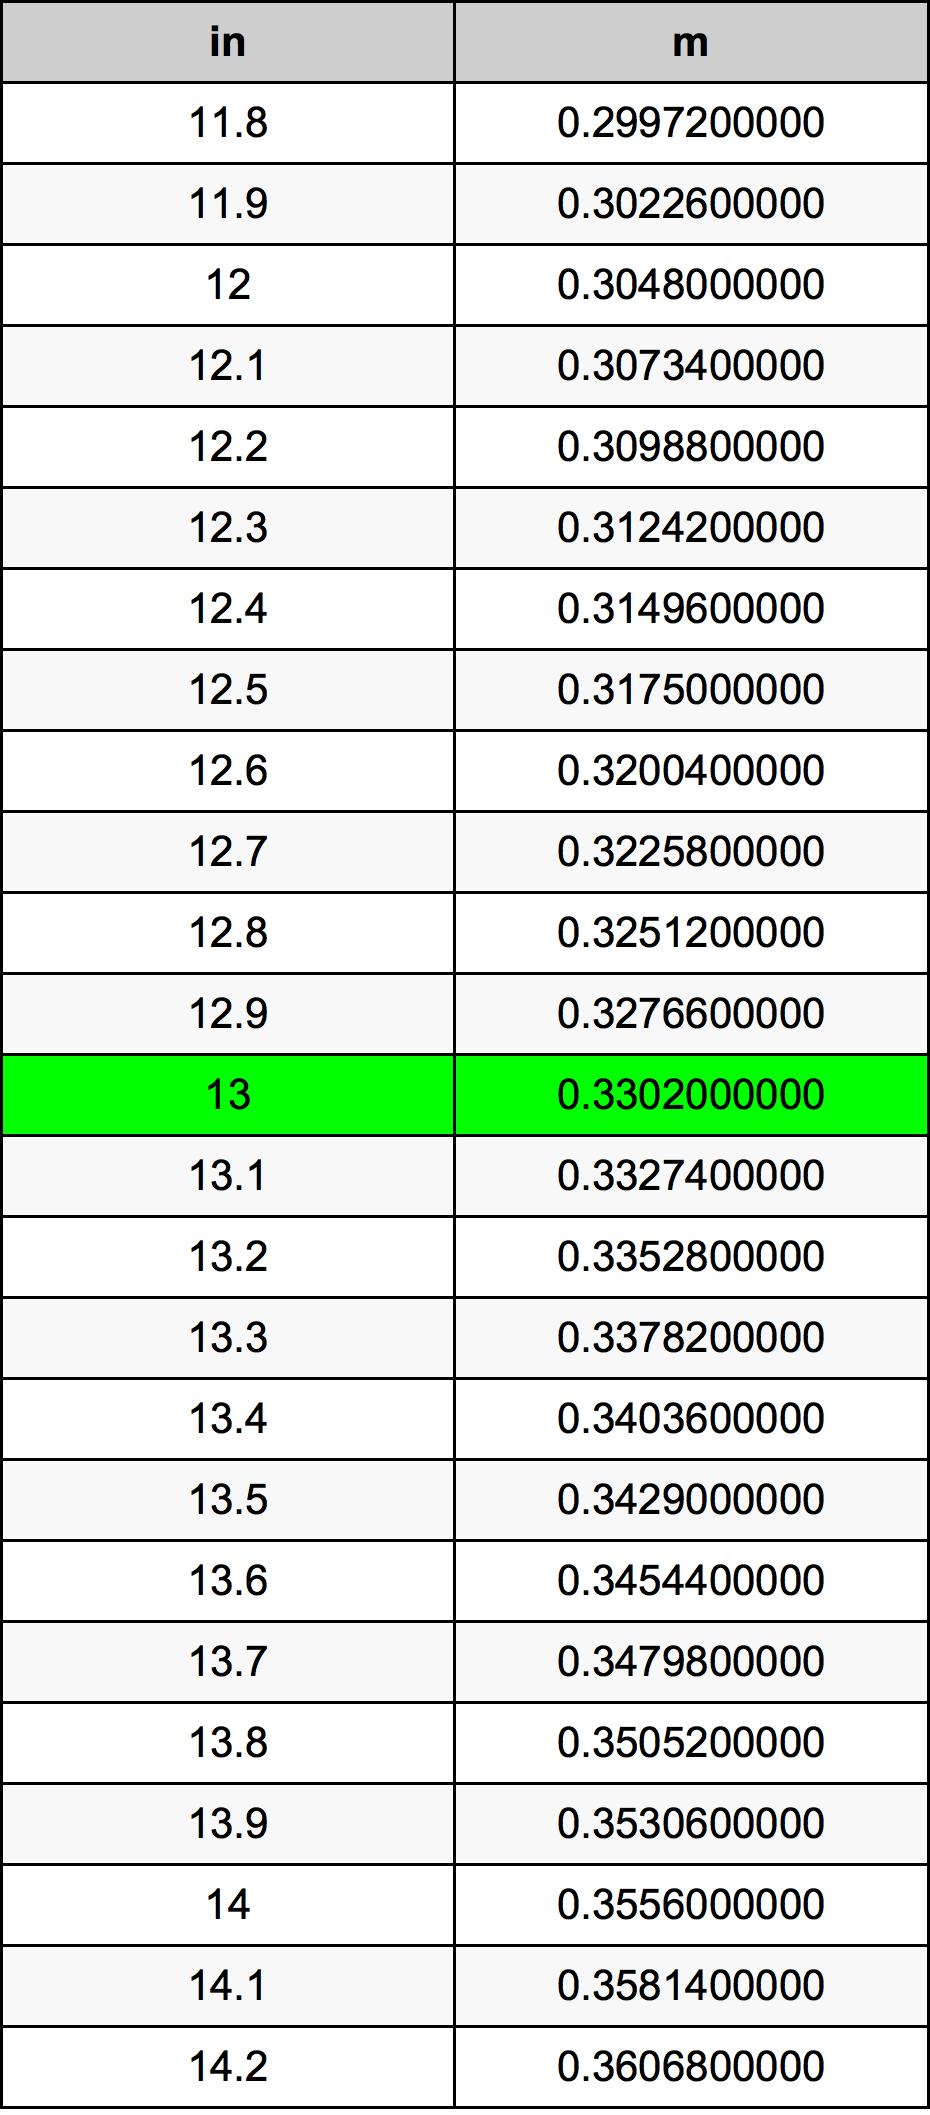 13 بوصة جدول تحويل